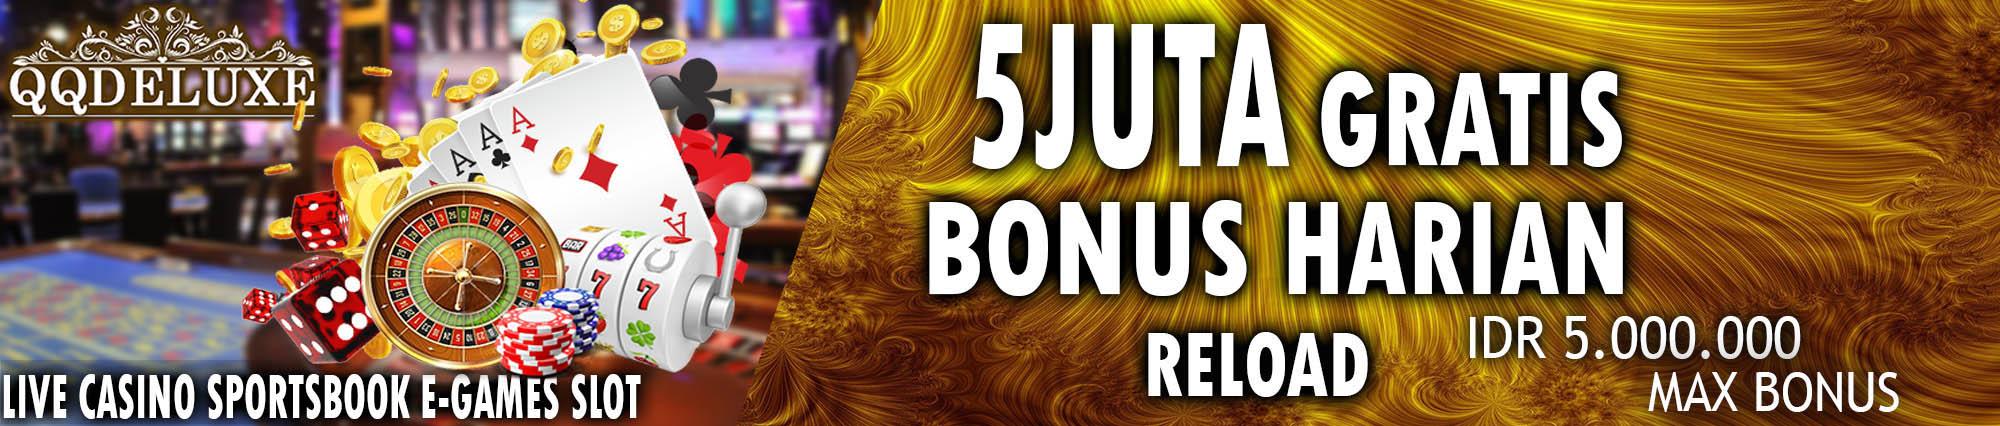 bonus besar judi online terbaik